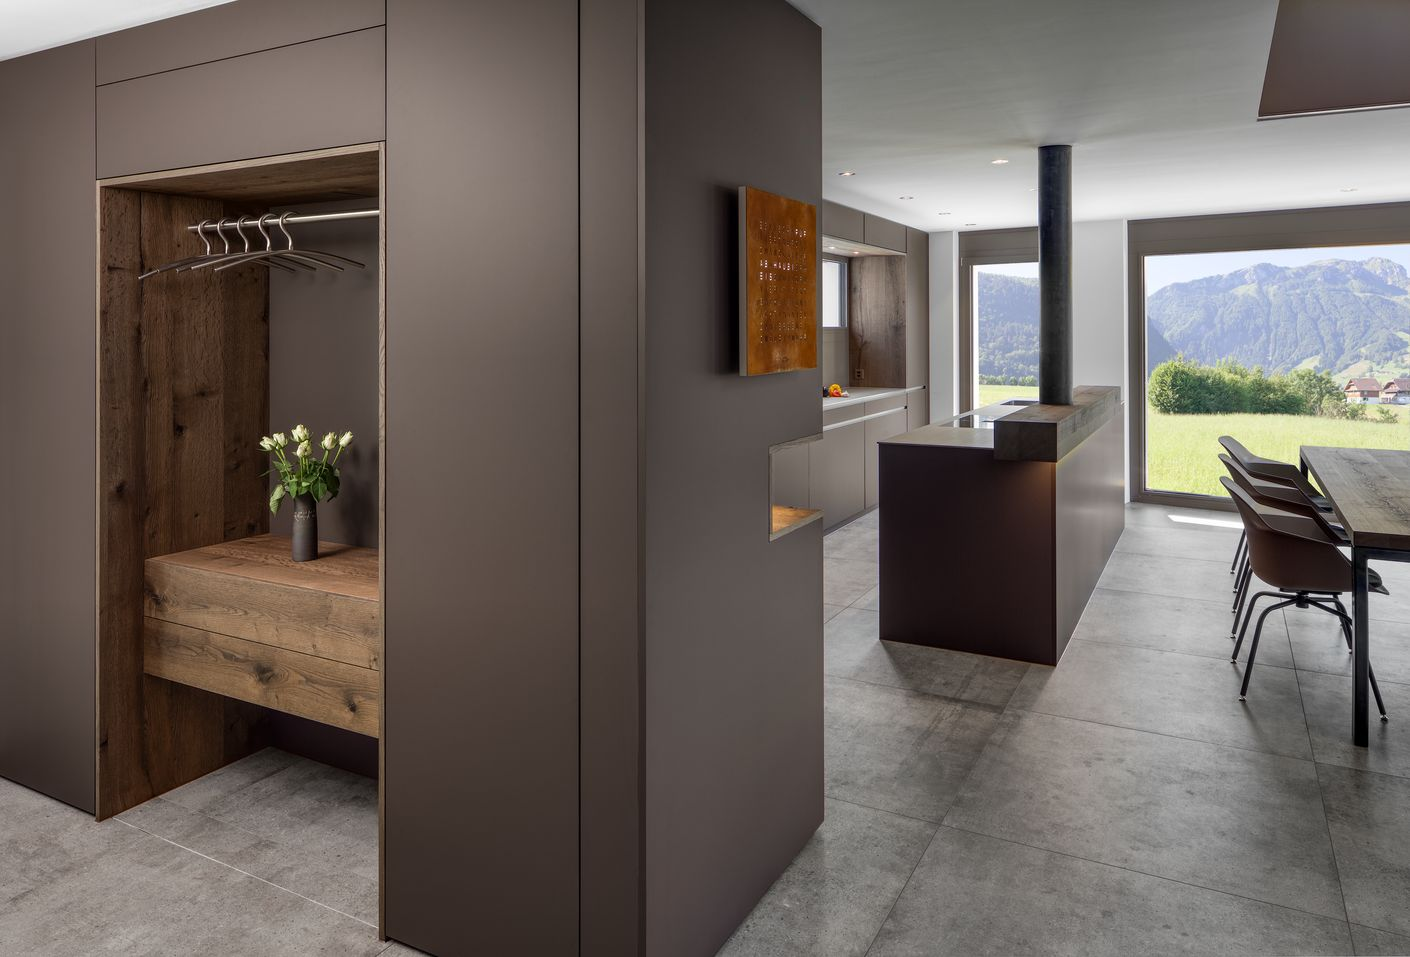 Das Spezielle in dieser Küchenplanung ist der Einbezug des Eingangsbereiches in das Küchendesign. Durch diesen Vorteil konnten auch H-Stützträger und oben ein Eisensturz mit der Garderobenfront verkleidet werden.